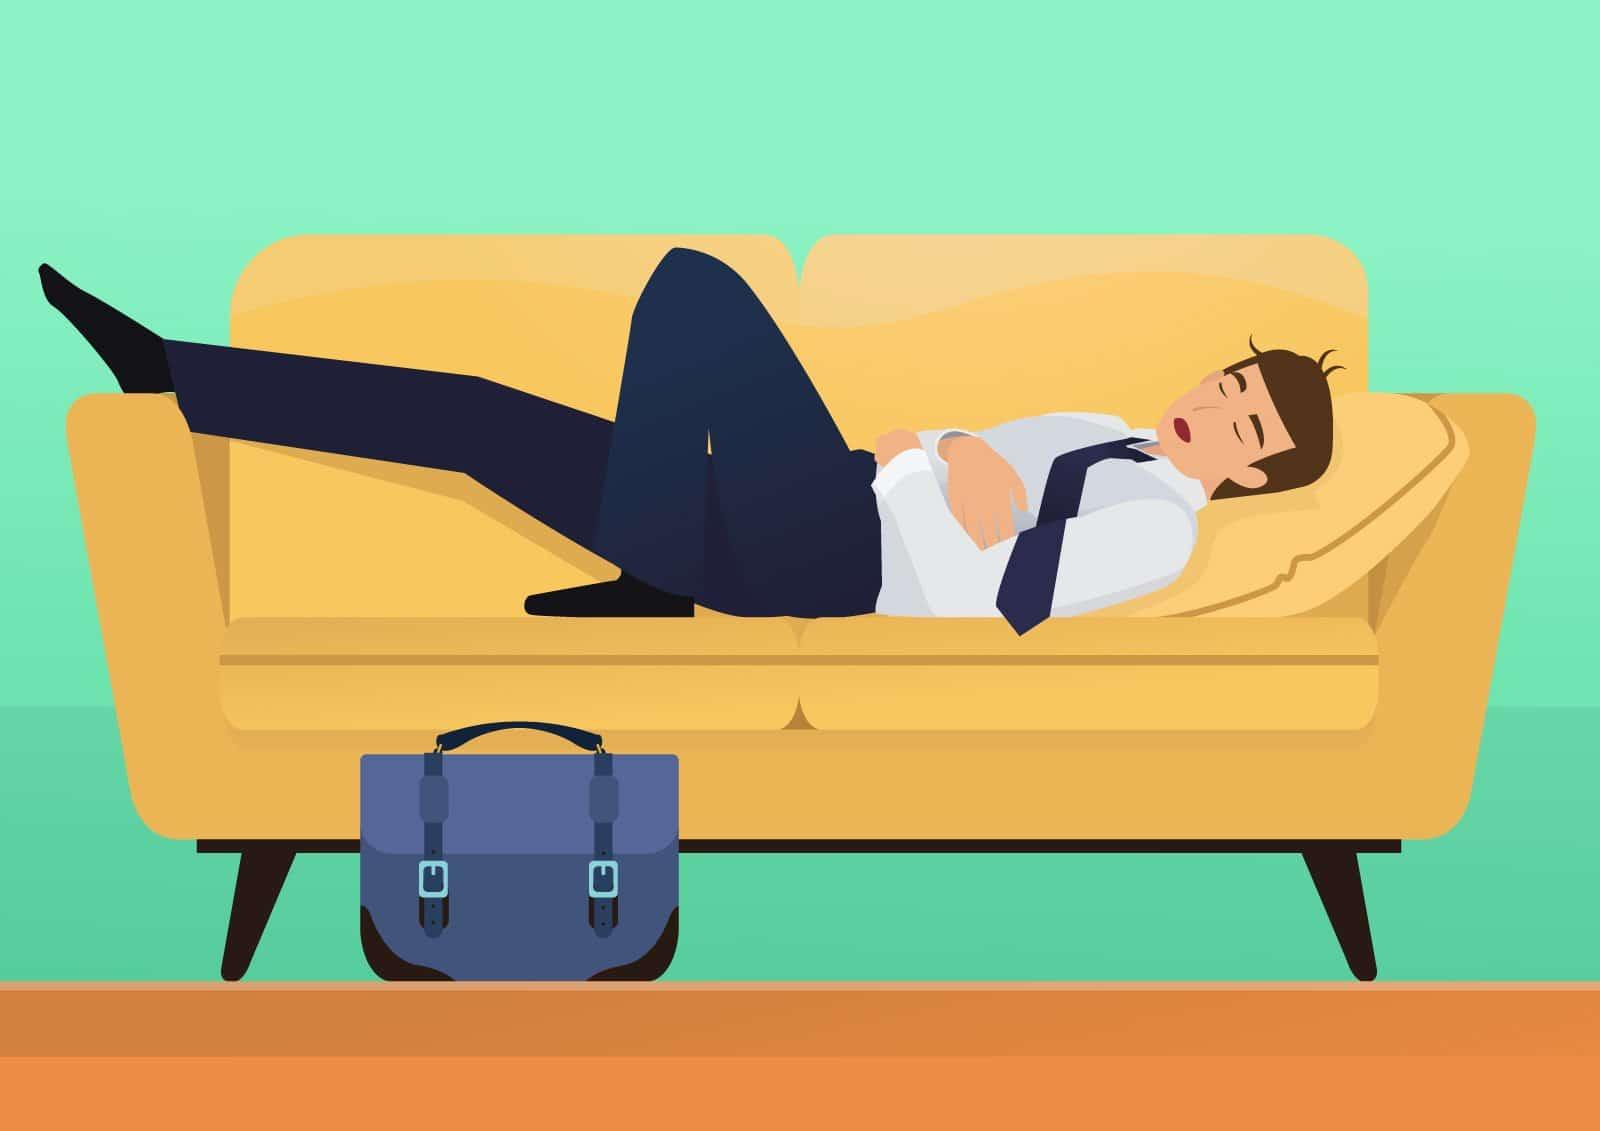 Powernap - Der Kurzschlaf unter der Lupe